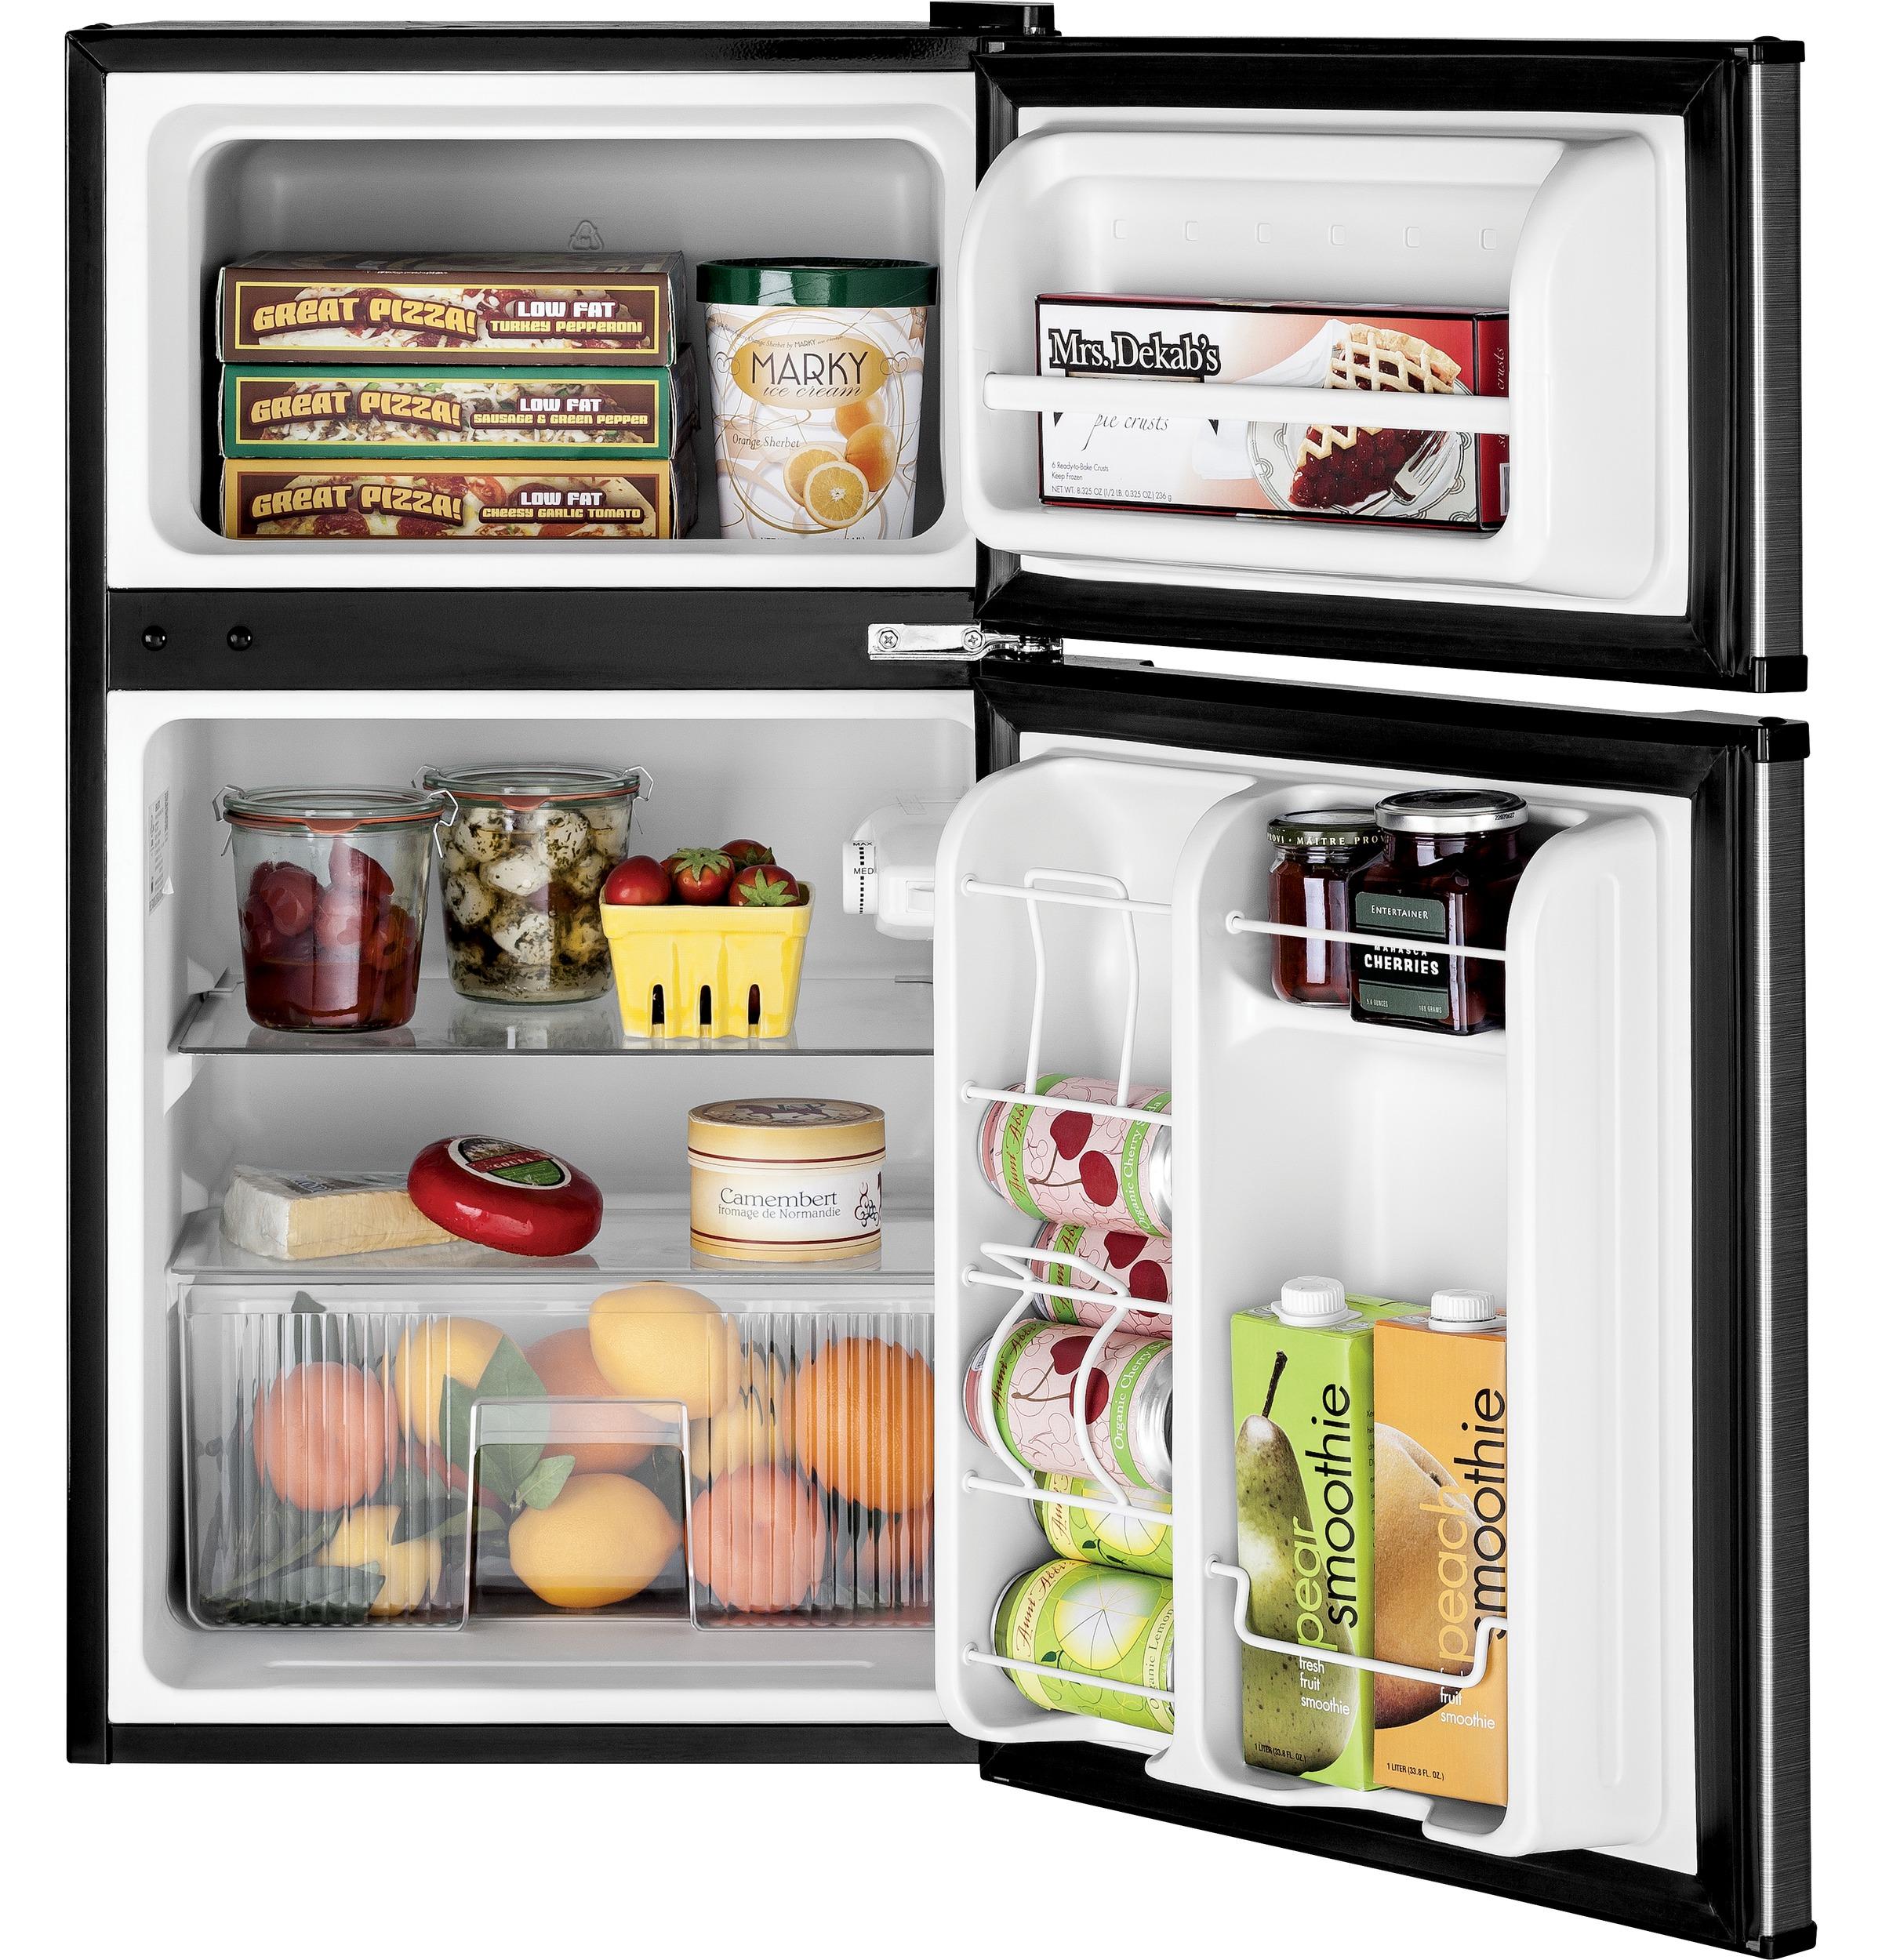 Model: GDE03GLKLB   GE GE® Double-Door Compact Refrigerator